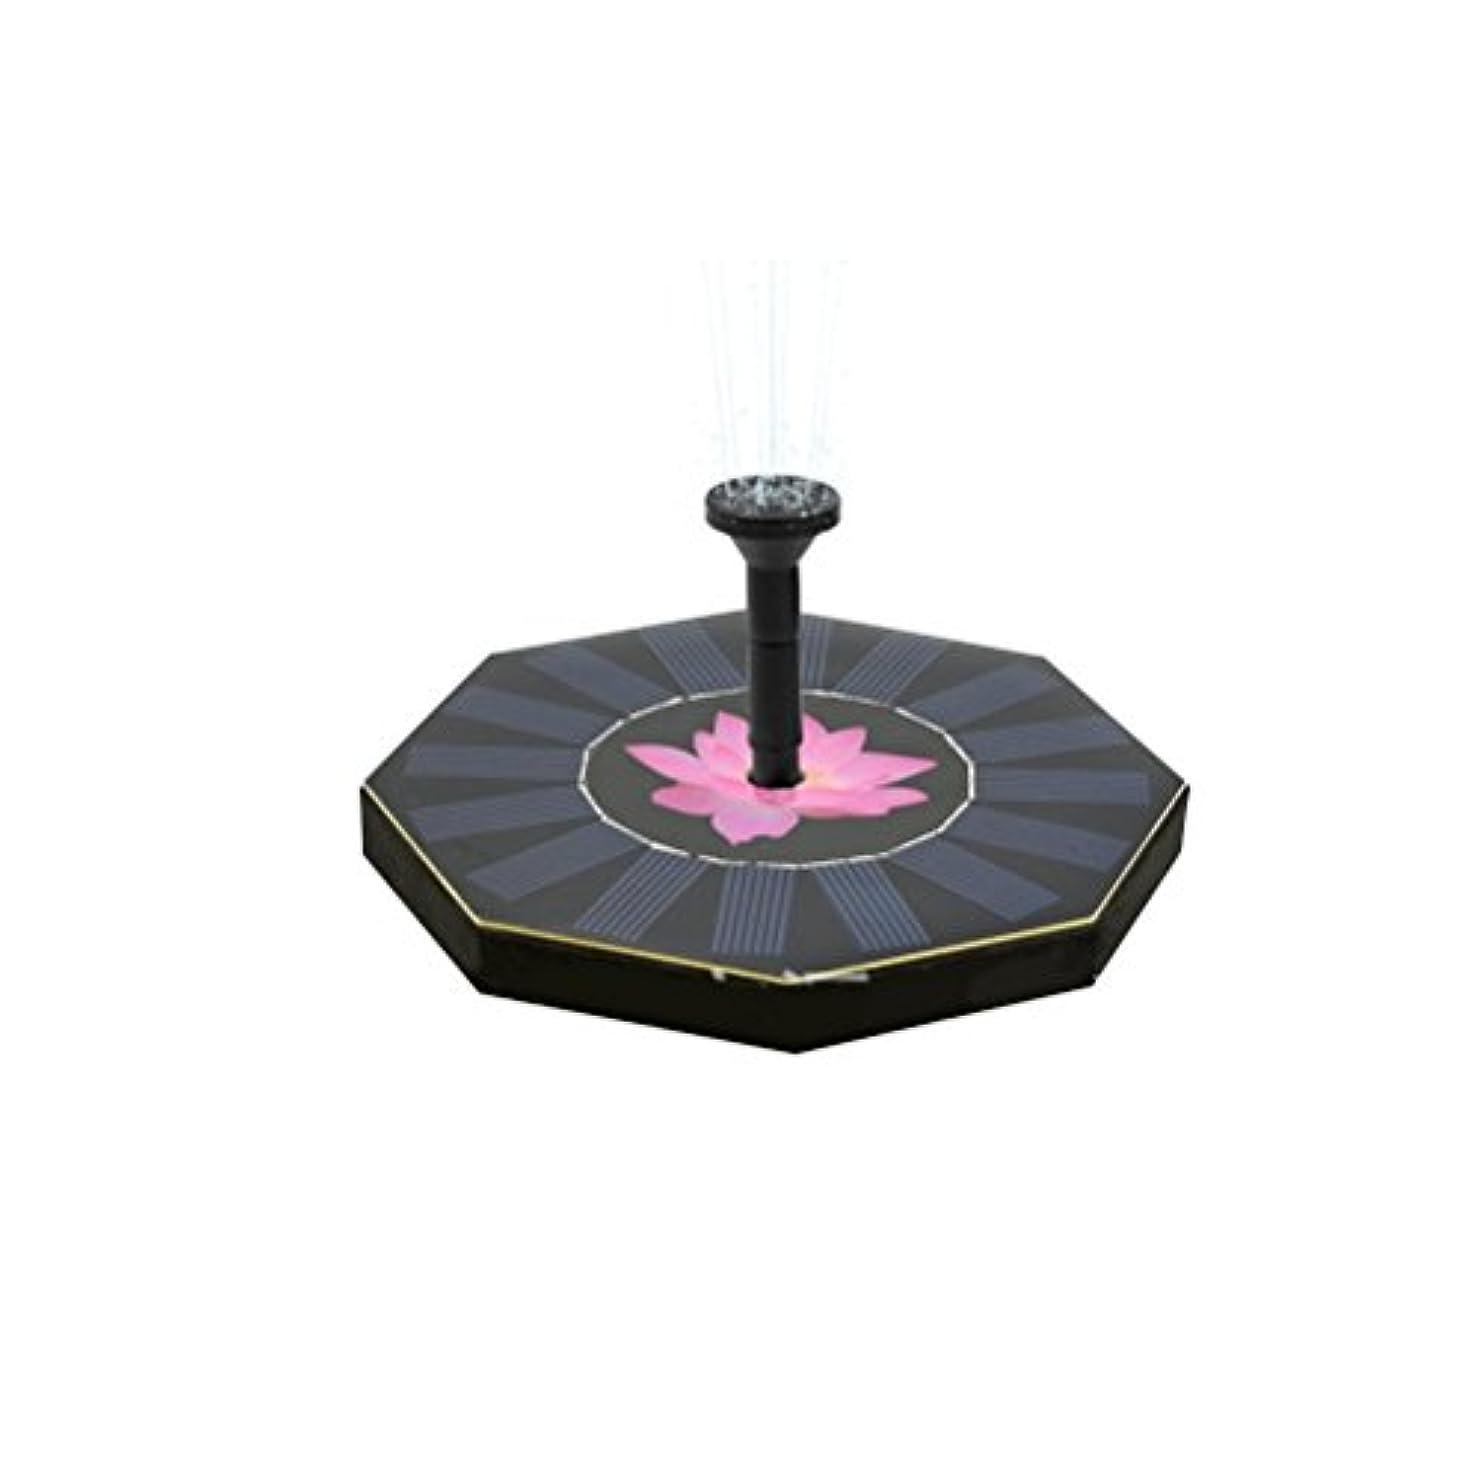 メディックできれば等価OUNONA 噴水ポンプ ポンプ ソーラー パネル 省エネ 噴水 庭 池 ガーデン 芝生 LEDライト付き 1.4w 最大流量200L/h